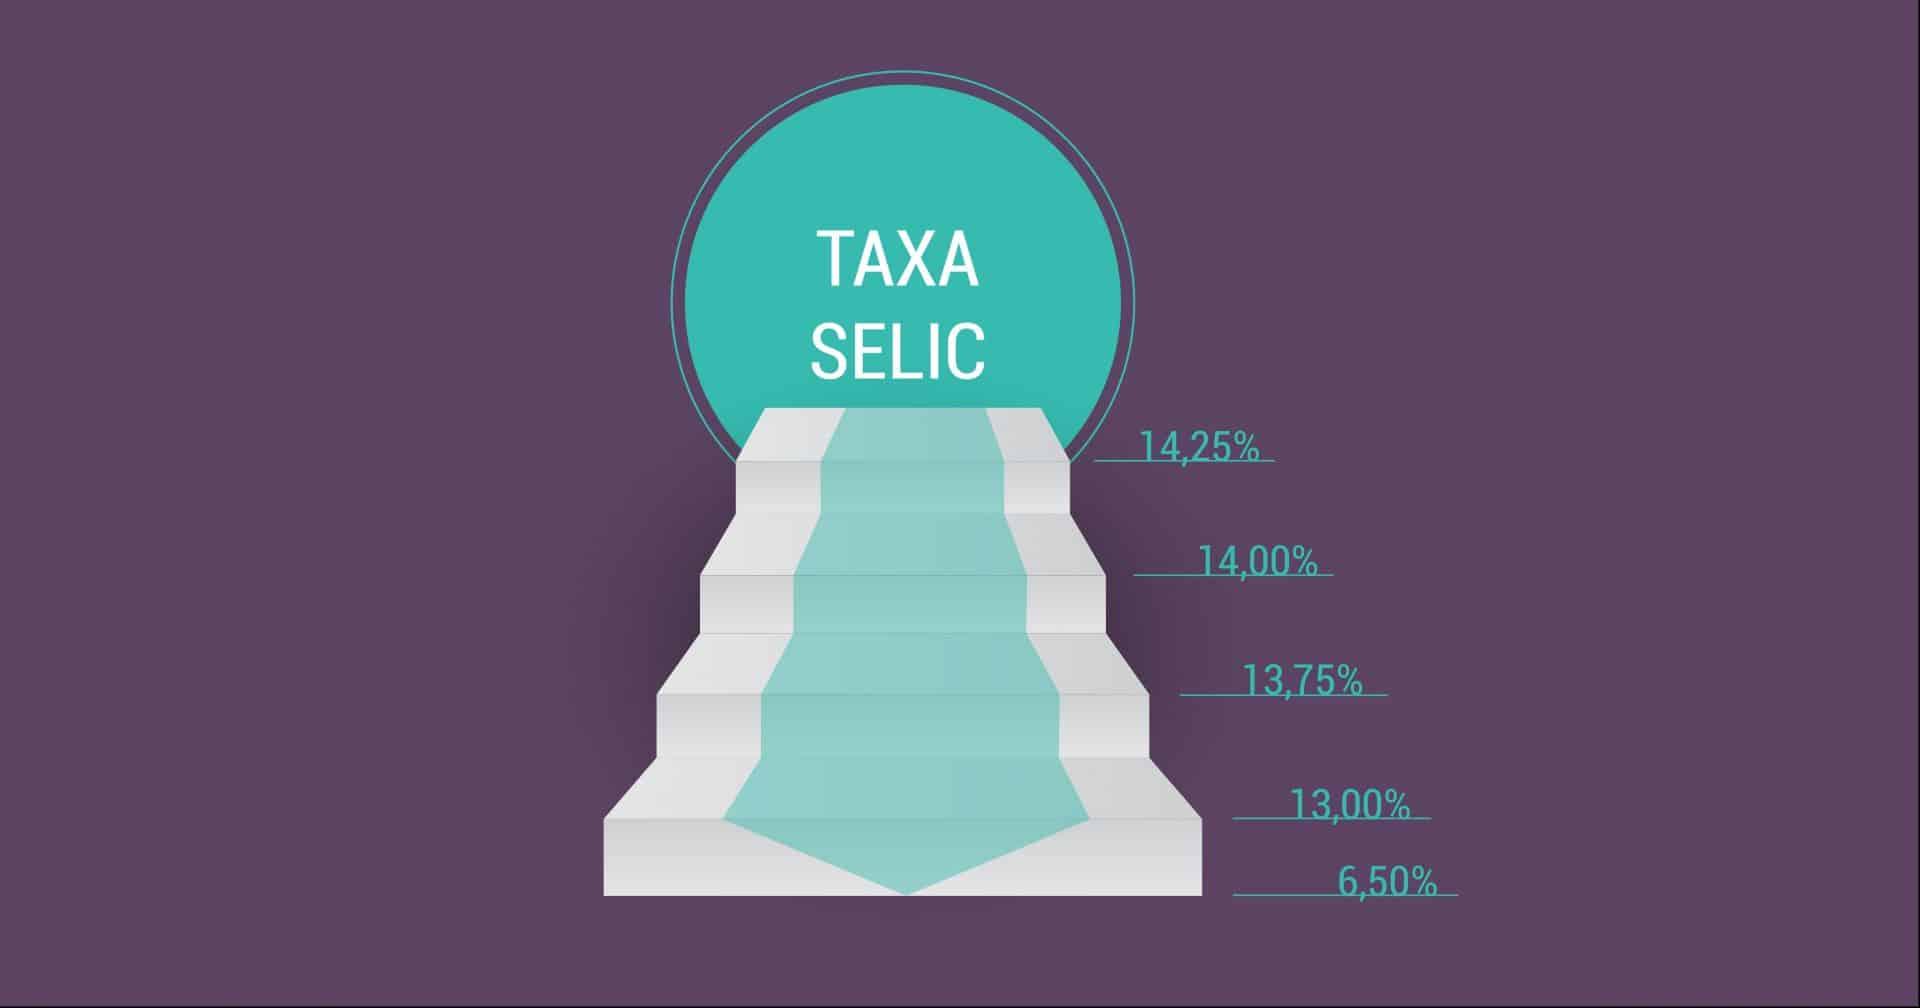 Taxa Selic: o que é ?